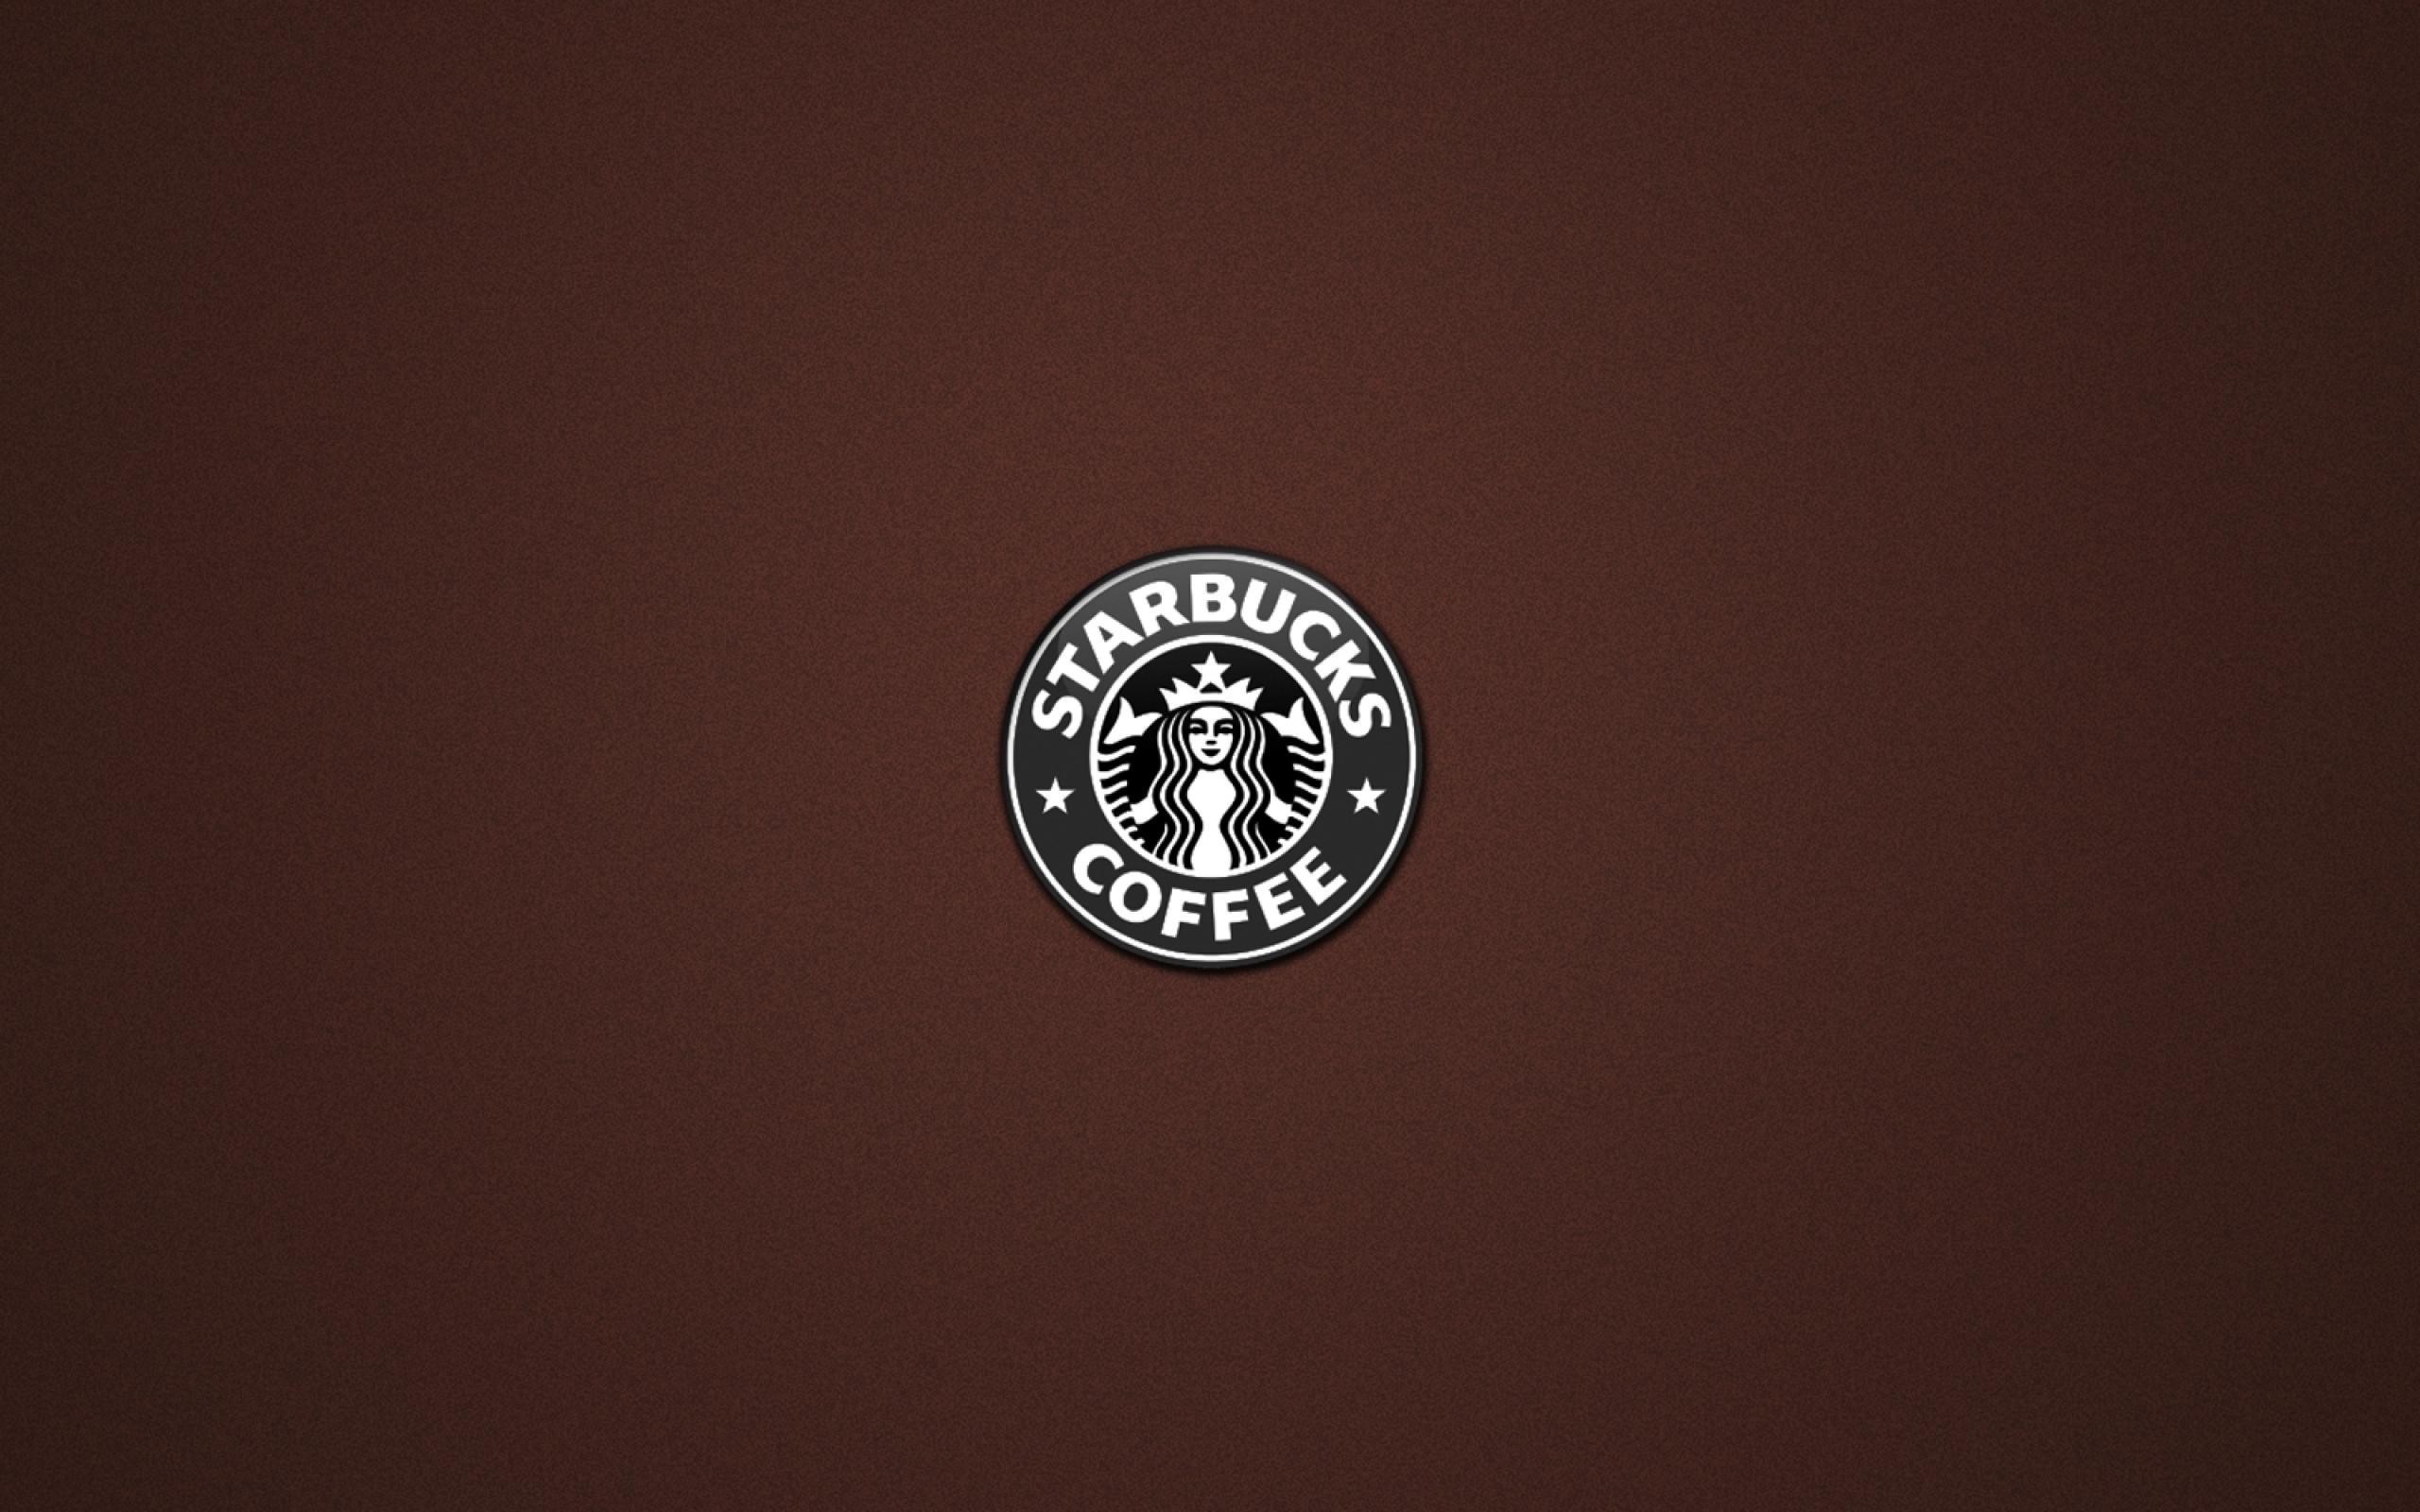 スターバックスのロゴ ブランド広告の壁紙プレビュー 10wallpaper Com